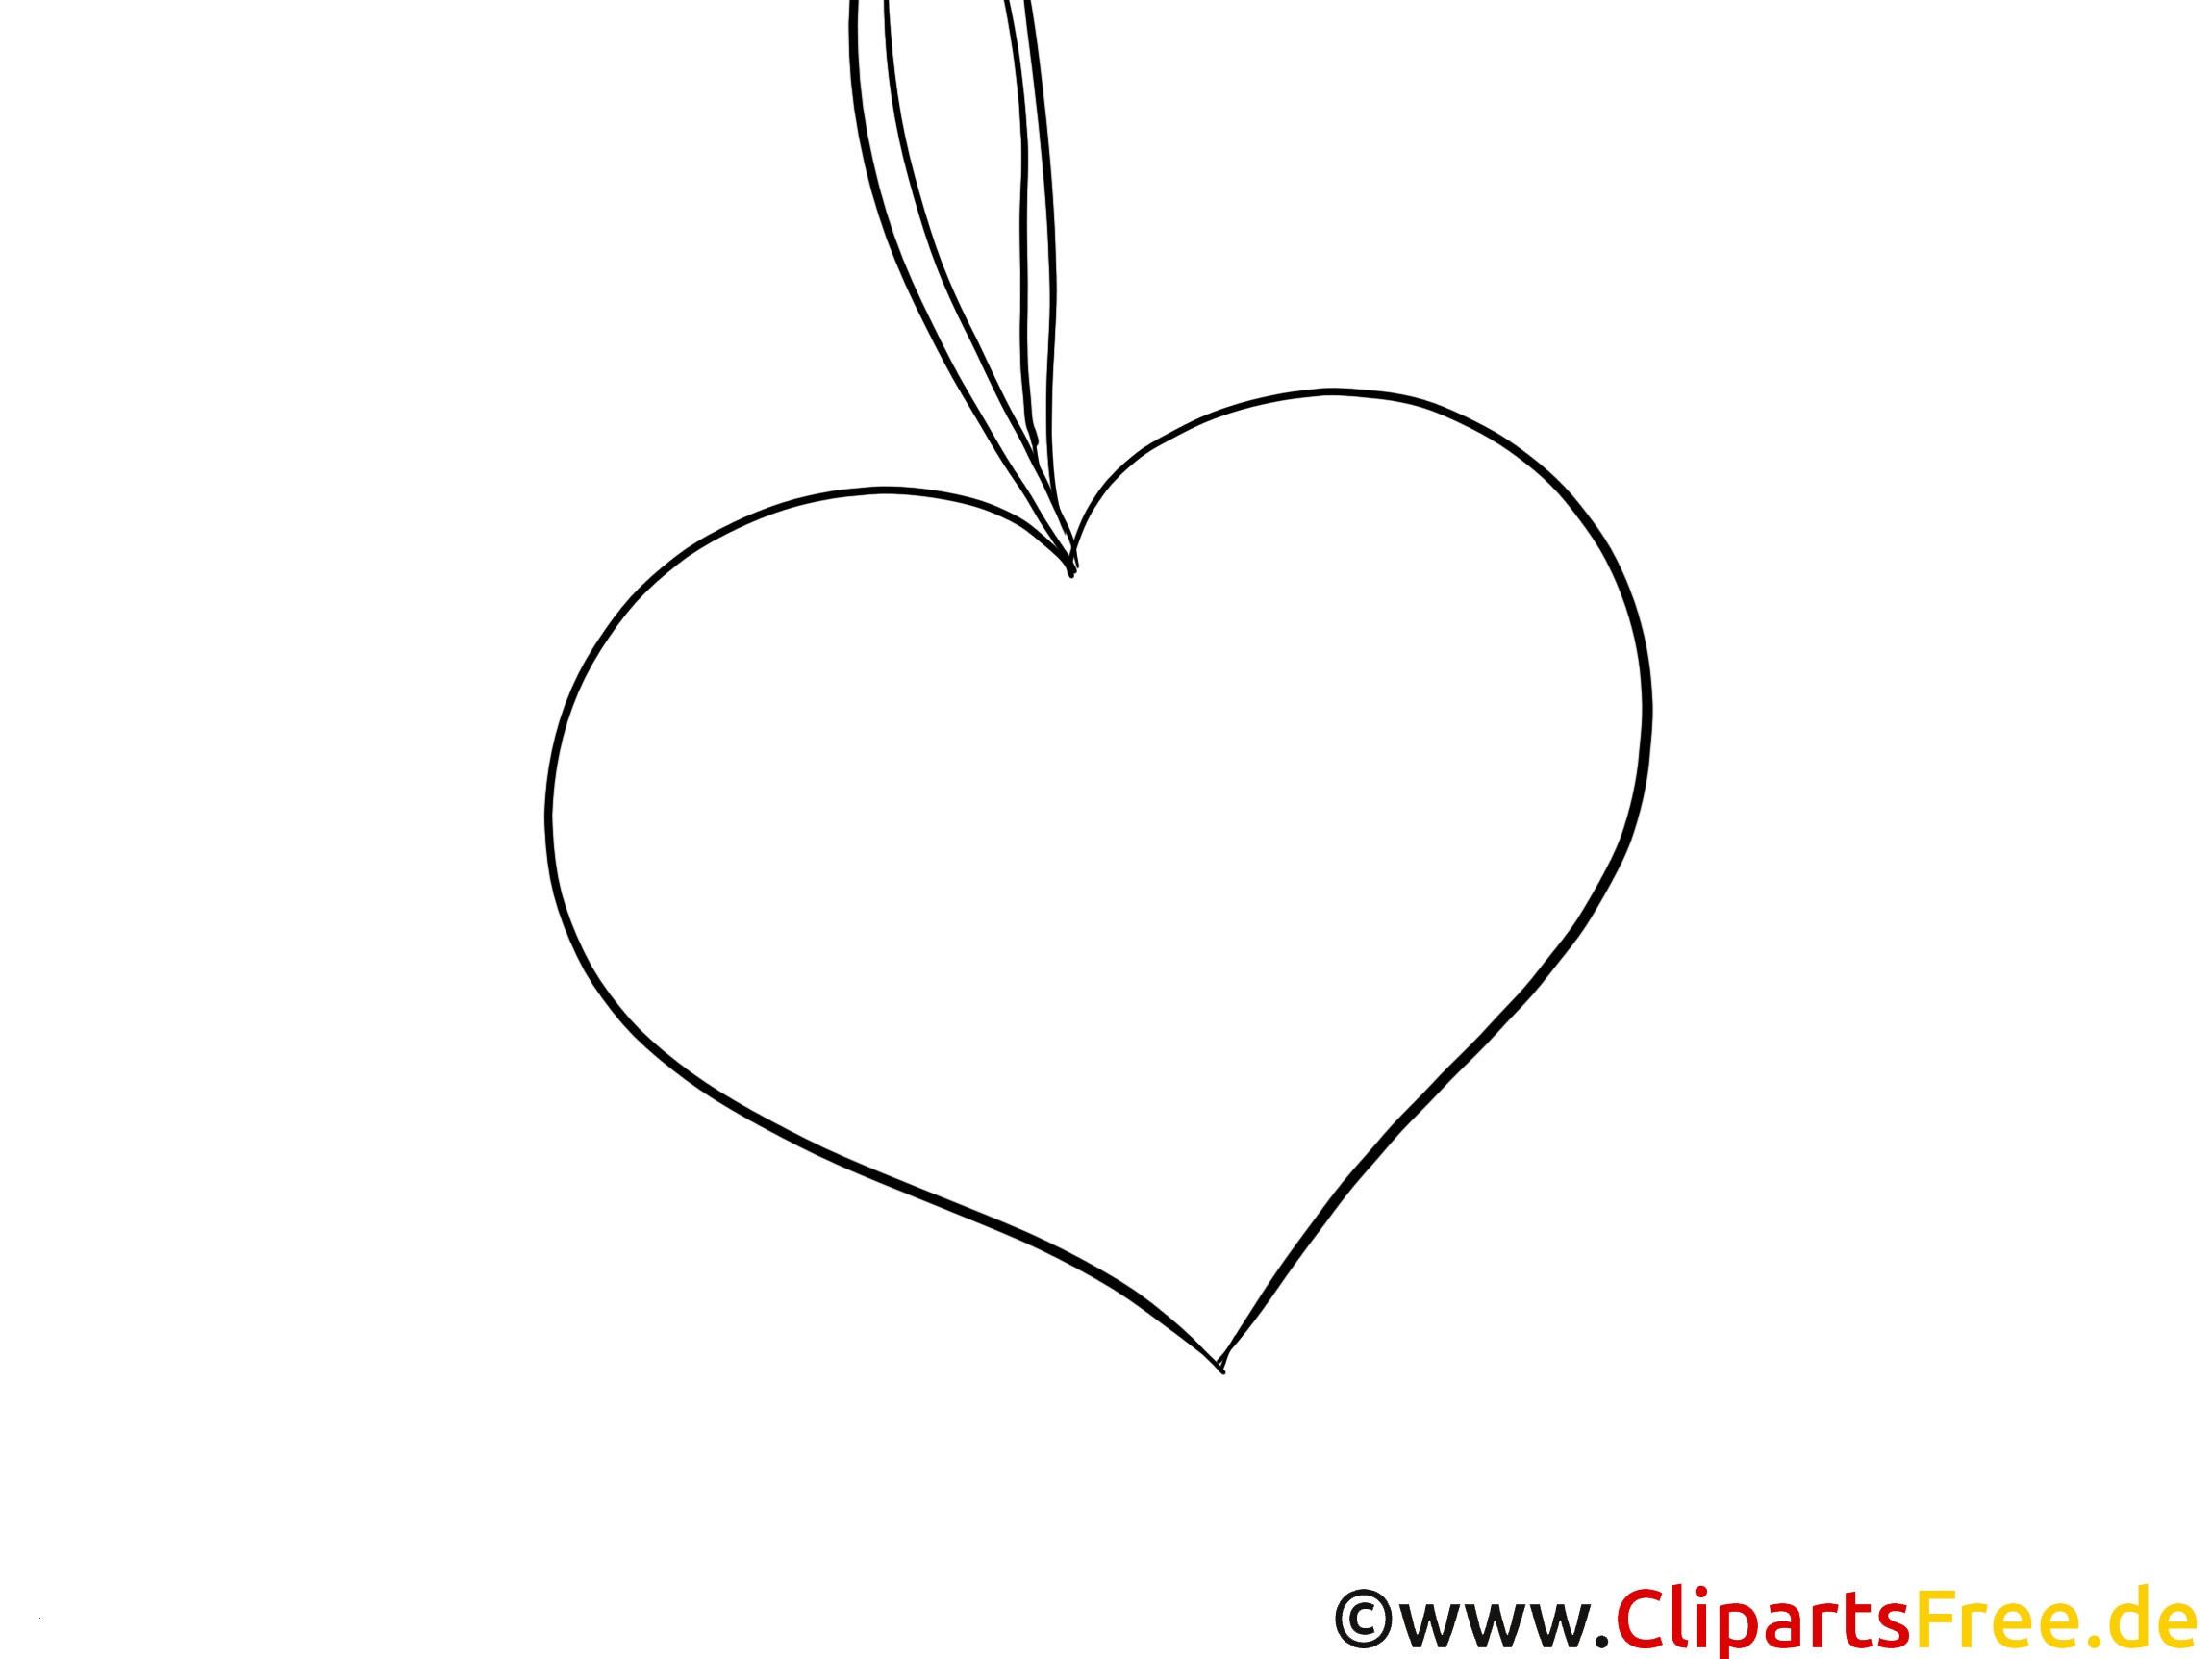 Herz Mandalas Zum Ausmalen Das Beste Von Raupe Malvorlage Herz Malvorlagen Frisch Herzen Zum Ausmalen Stock